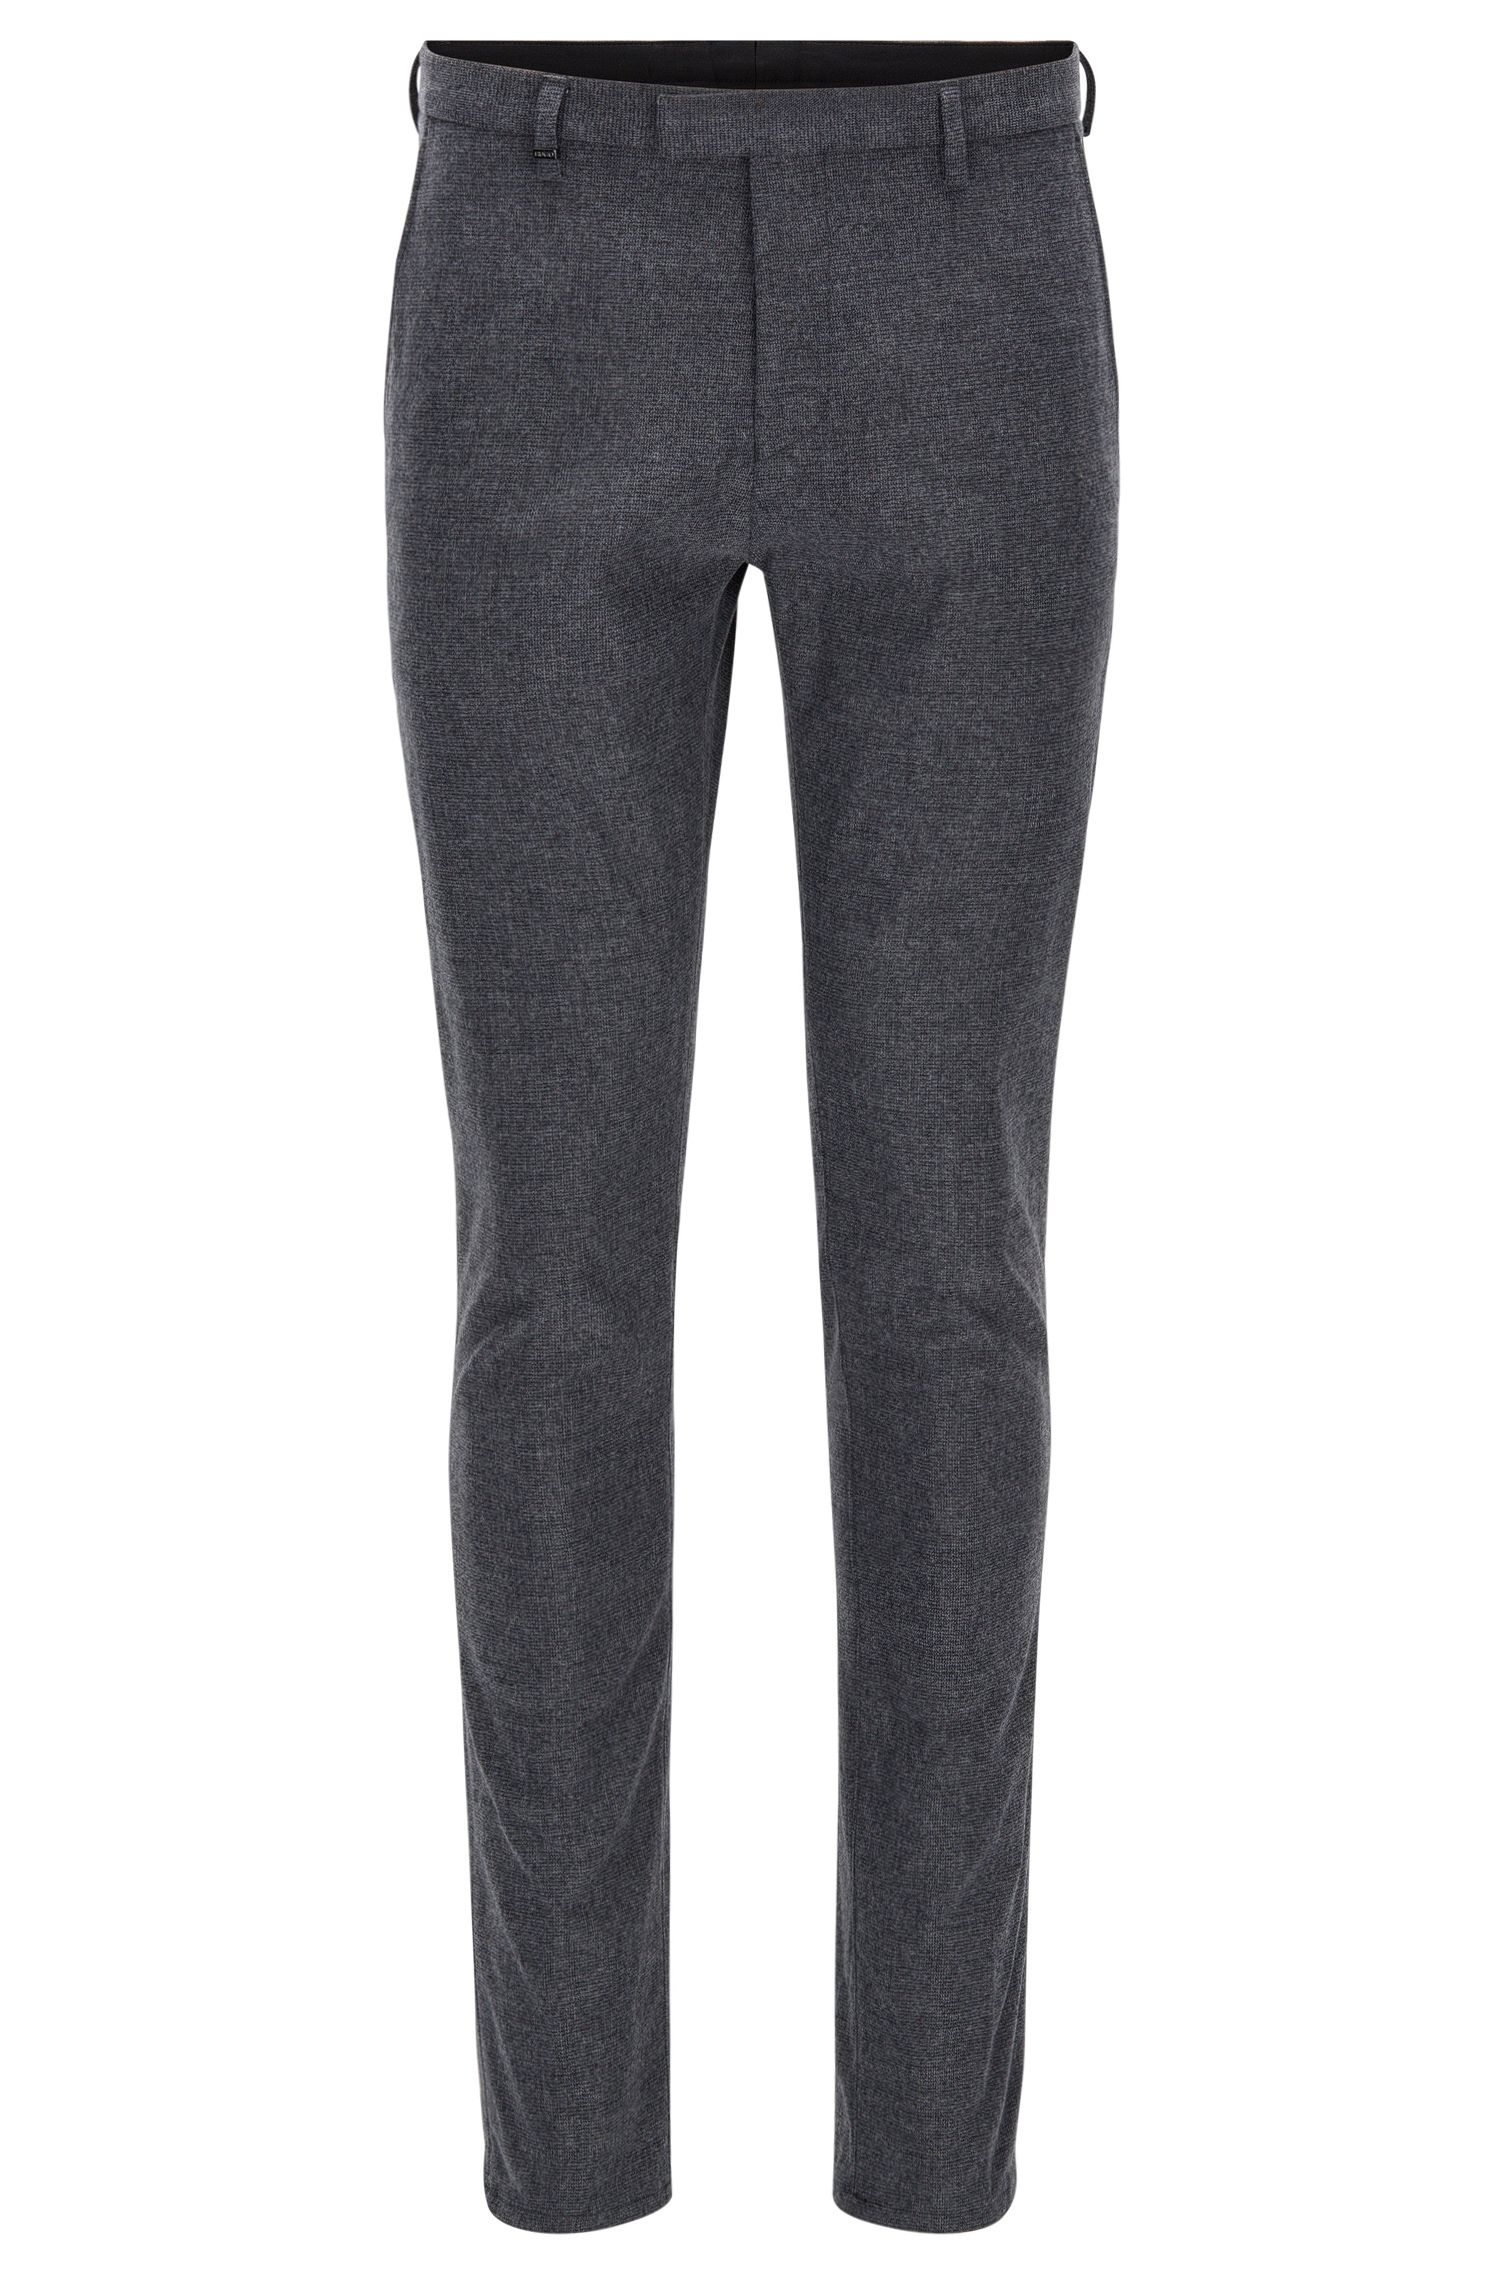 Pantaloni tapered fit in misto cotone spazzolato